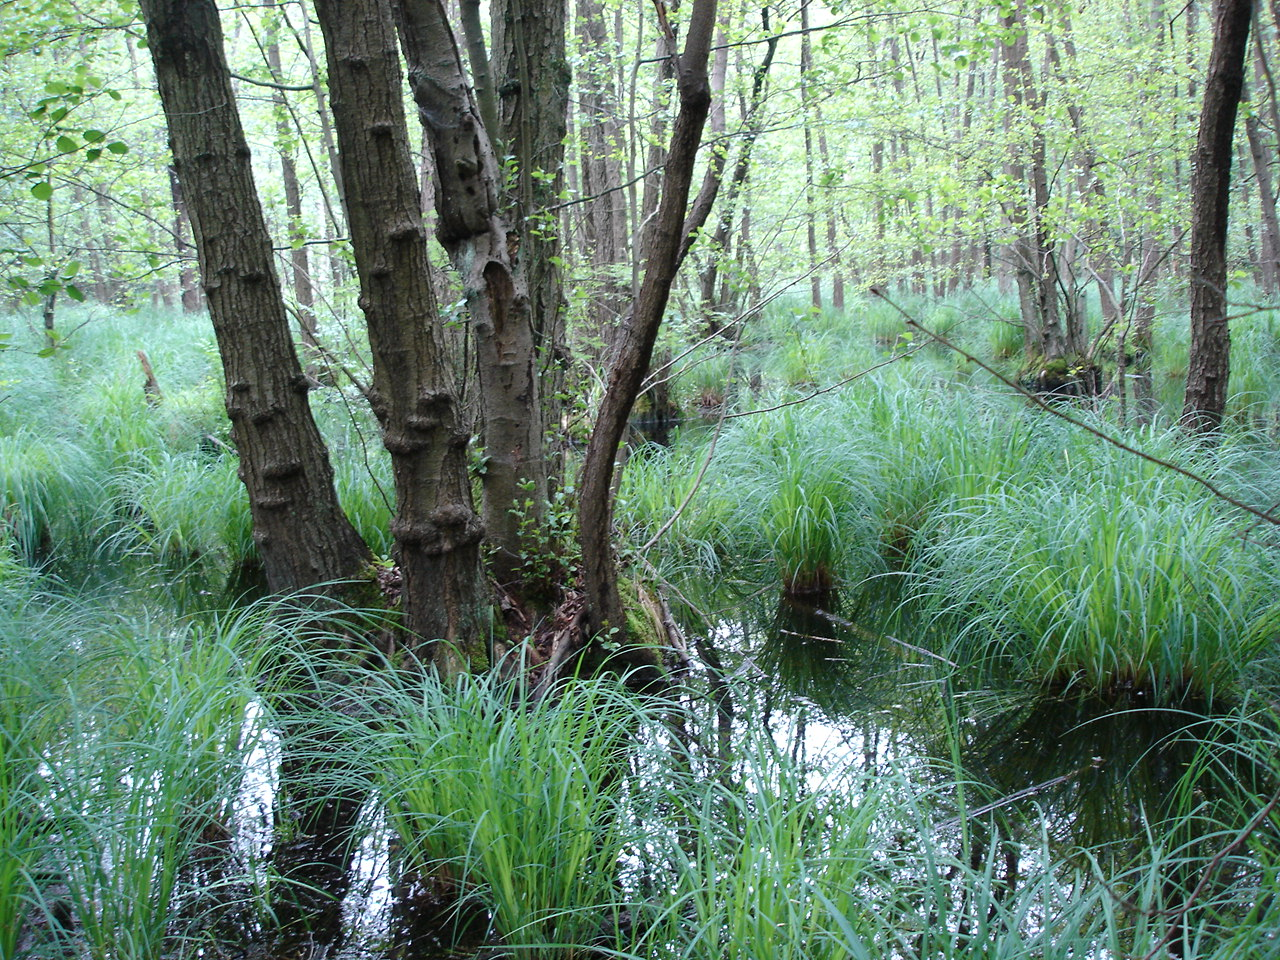 Ein Bild, das Gras, draußen, Pflanze, Wald enthält. Automatisch generierte Beschreibung